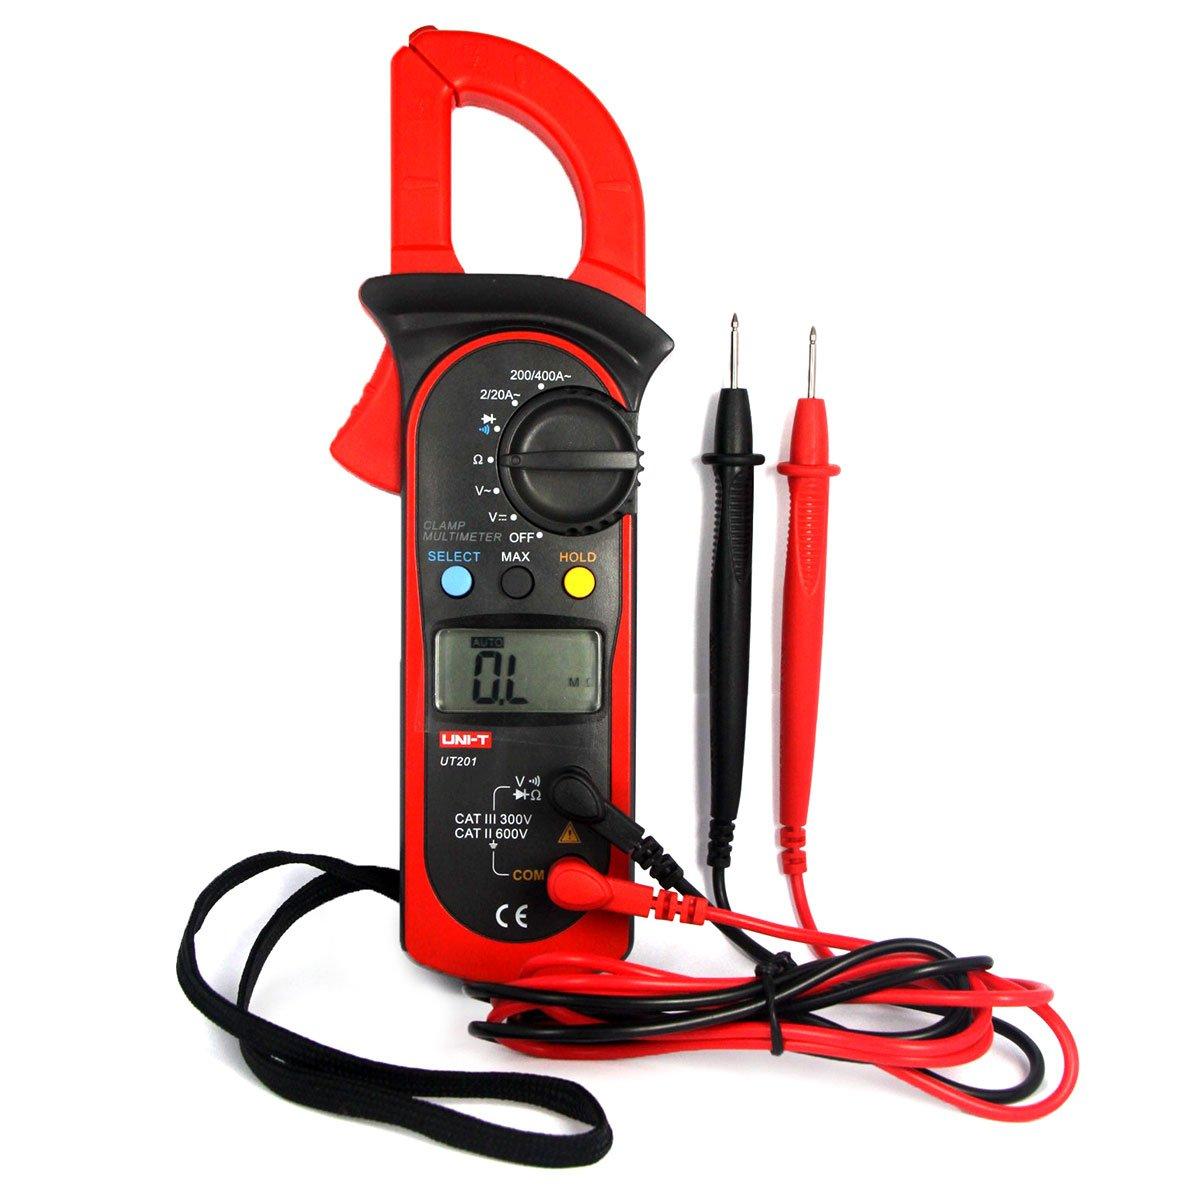 UNI-T UT210D Digital-Multimeter Messgerä t Strommesszange AC/DC Strom Zange Spannung Amperemeter Widerstand Capacitance Temperature Messung Automatische Reichweite Proam AA-NK0009